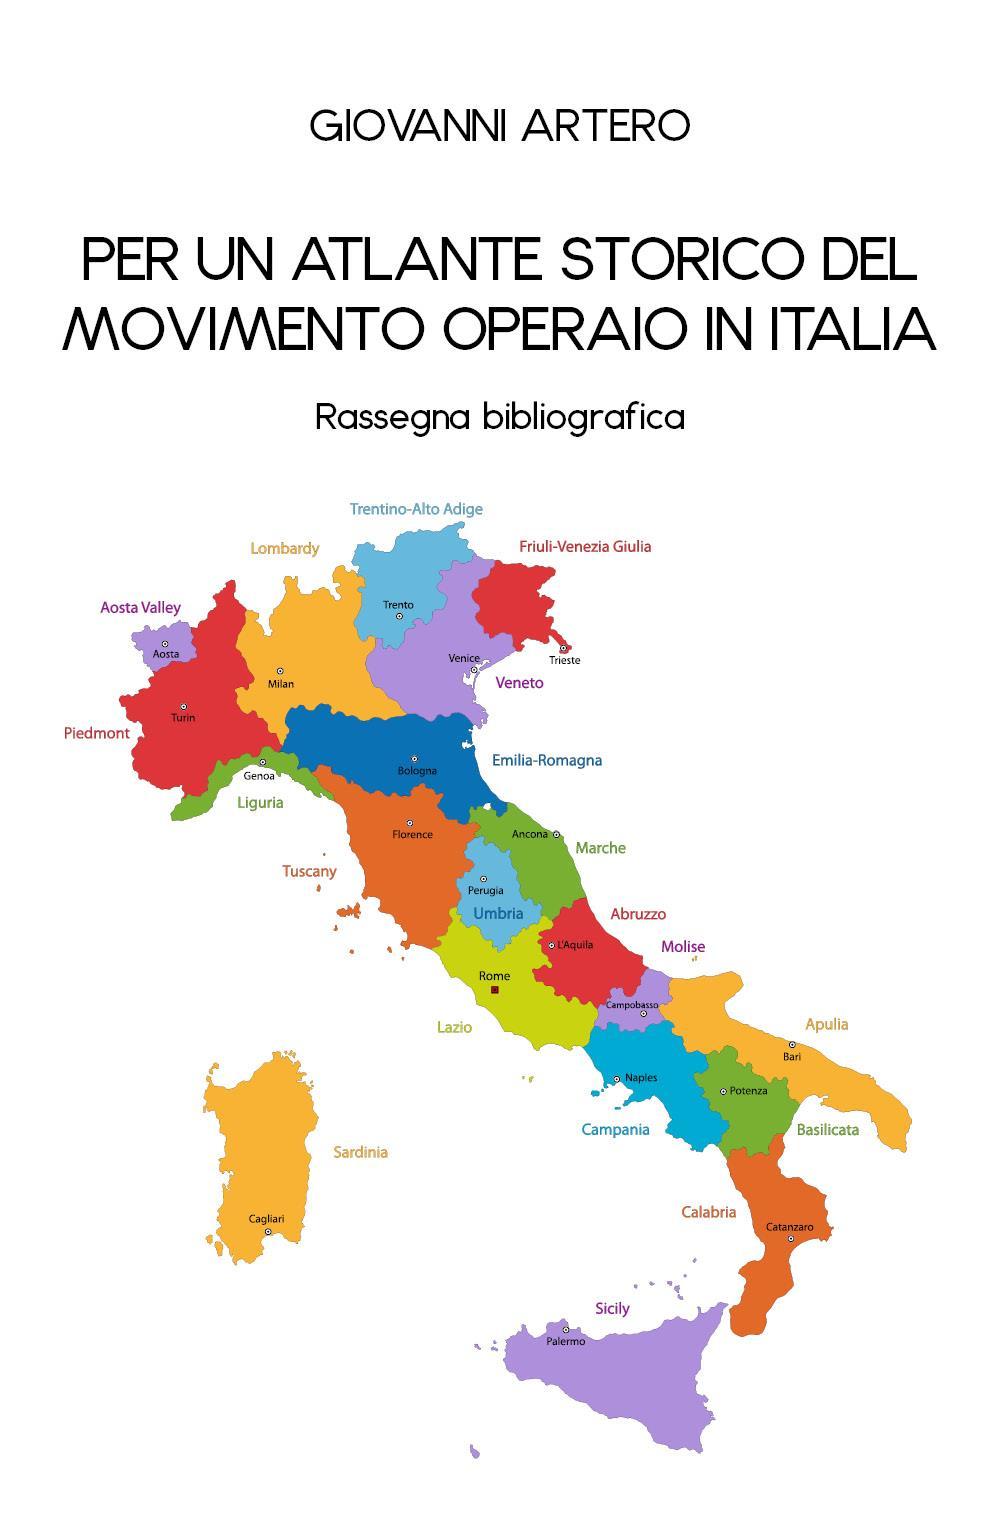 Per un atlante storico del movimento operaio in Italia